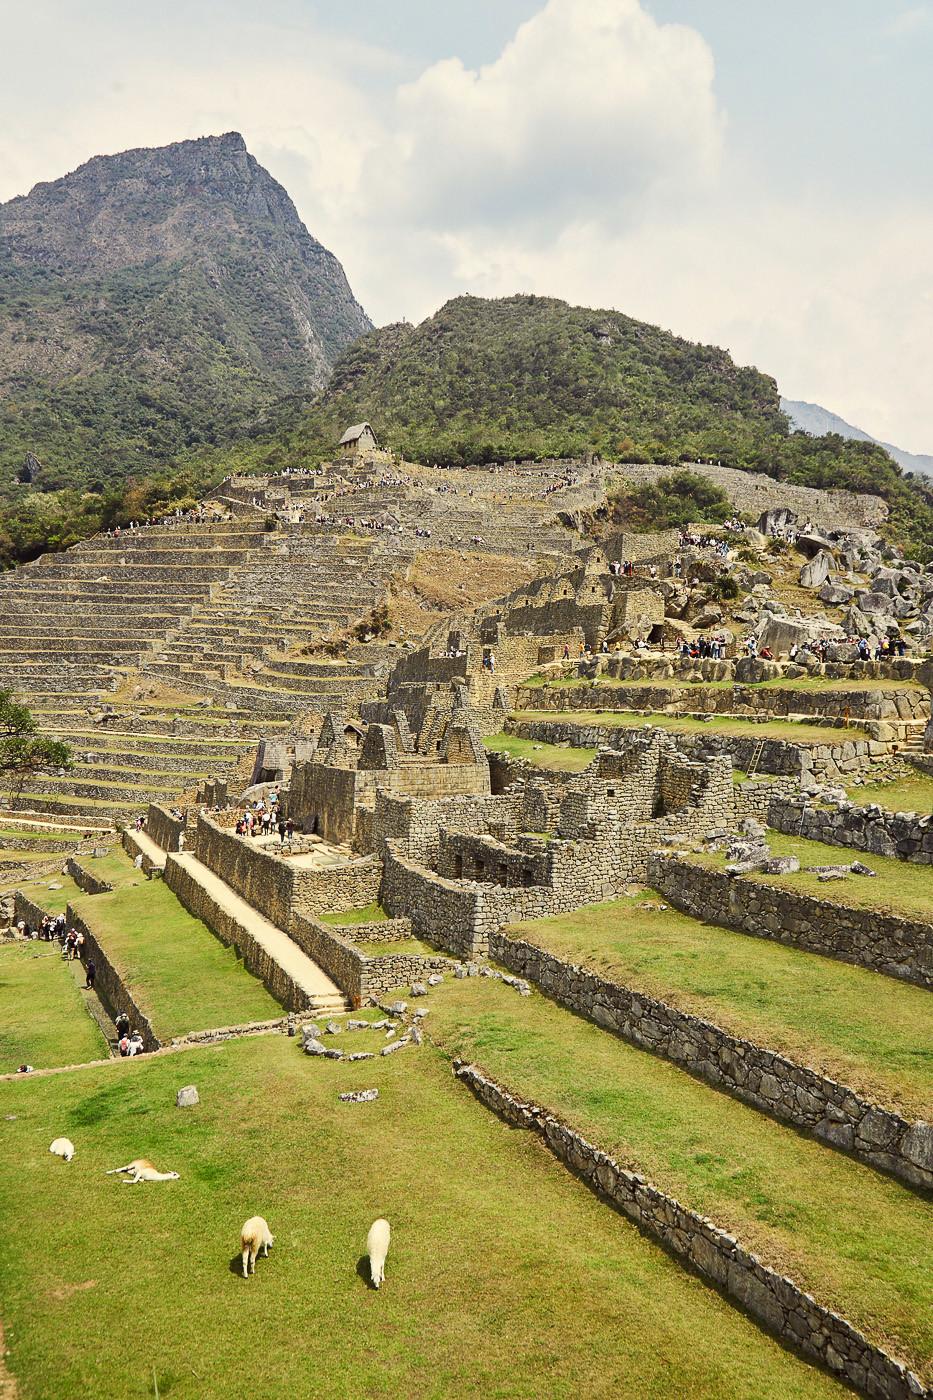 Blick zum Machu Picchu Mountain, davor die Ruinen mit ein paar Alpakas.